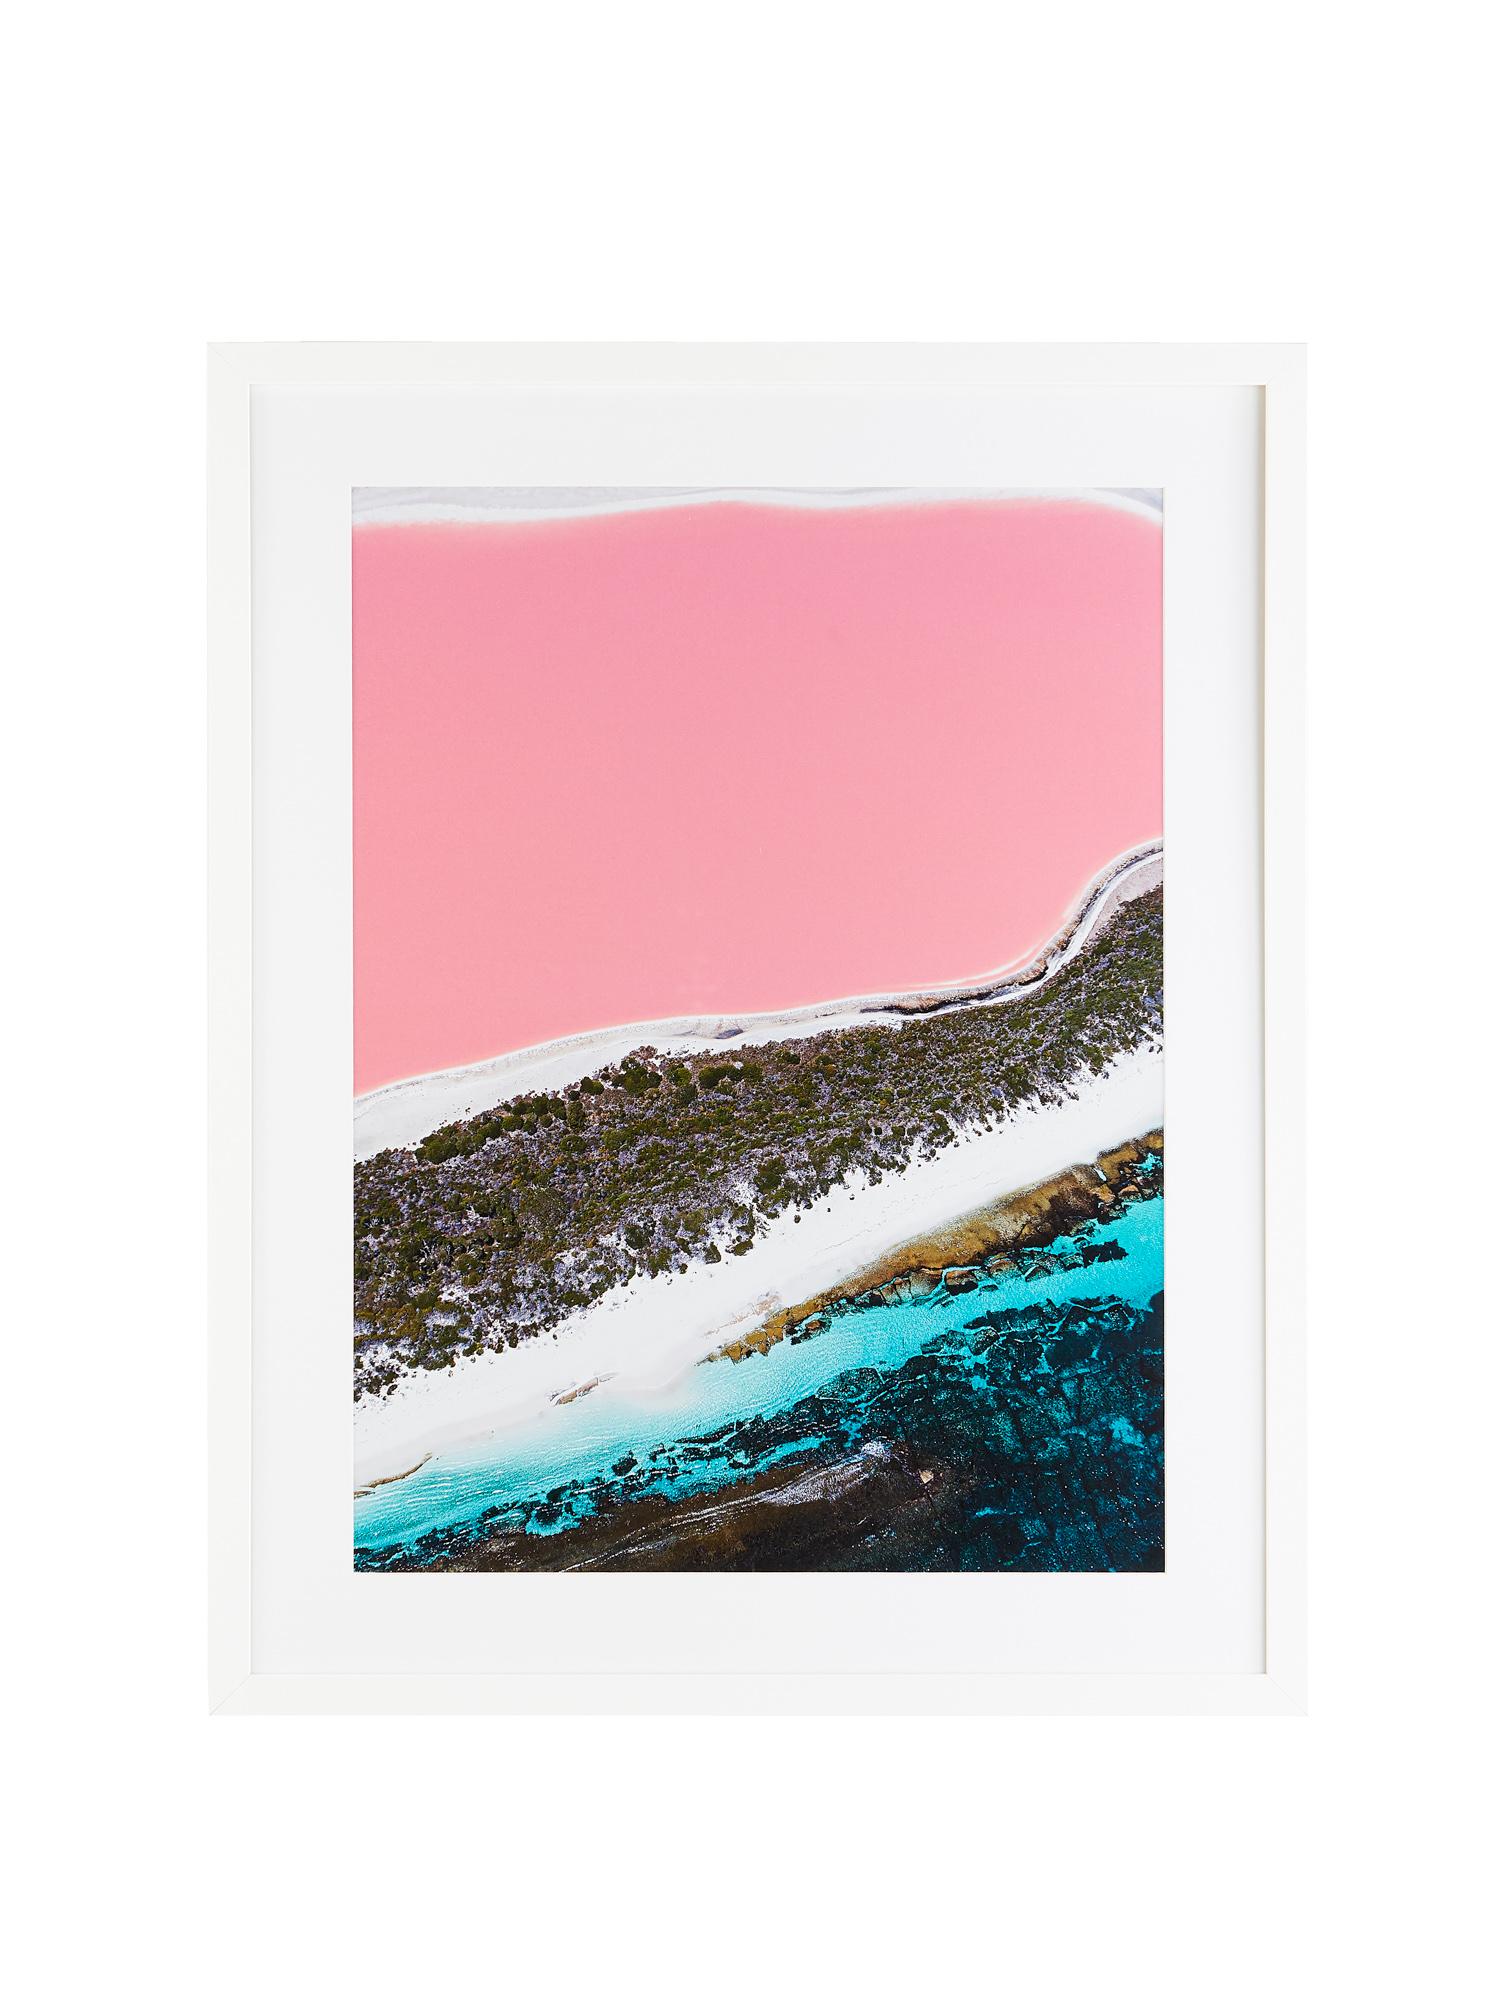 Salty Prints-95.jpg